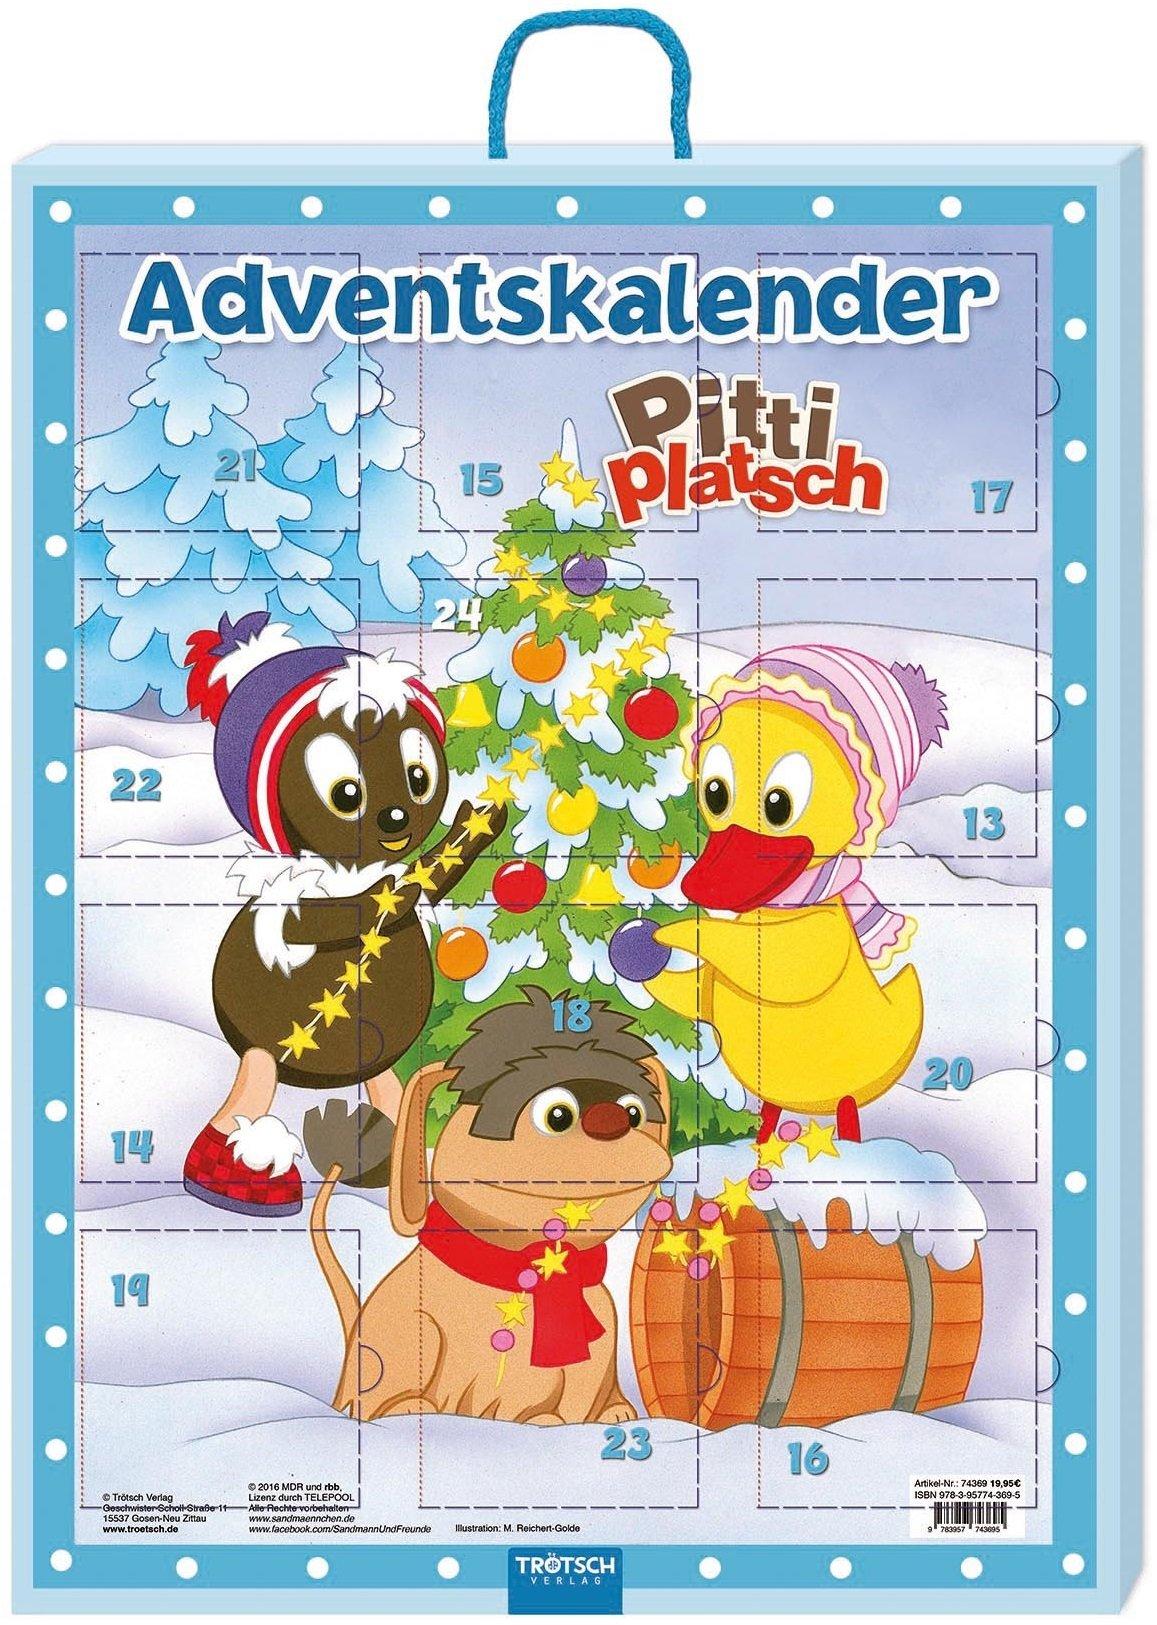 Adventskalender Pittiplatsch: 24 Mini-Büchlein Broschüre – Adventskalender, 1. September 2016 Trötsch Verlag Troetsch 3957743699 empfohlenes Alter: ab 3 Jahre